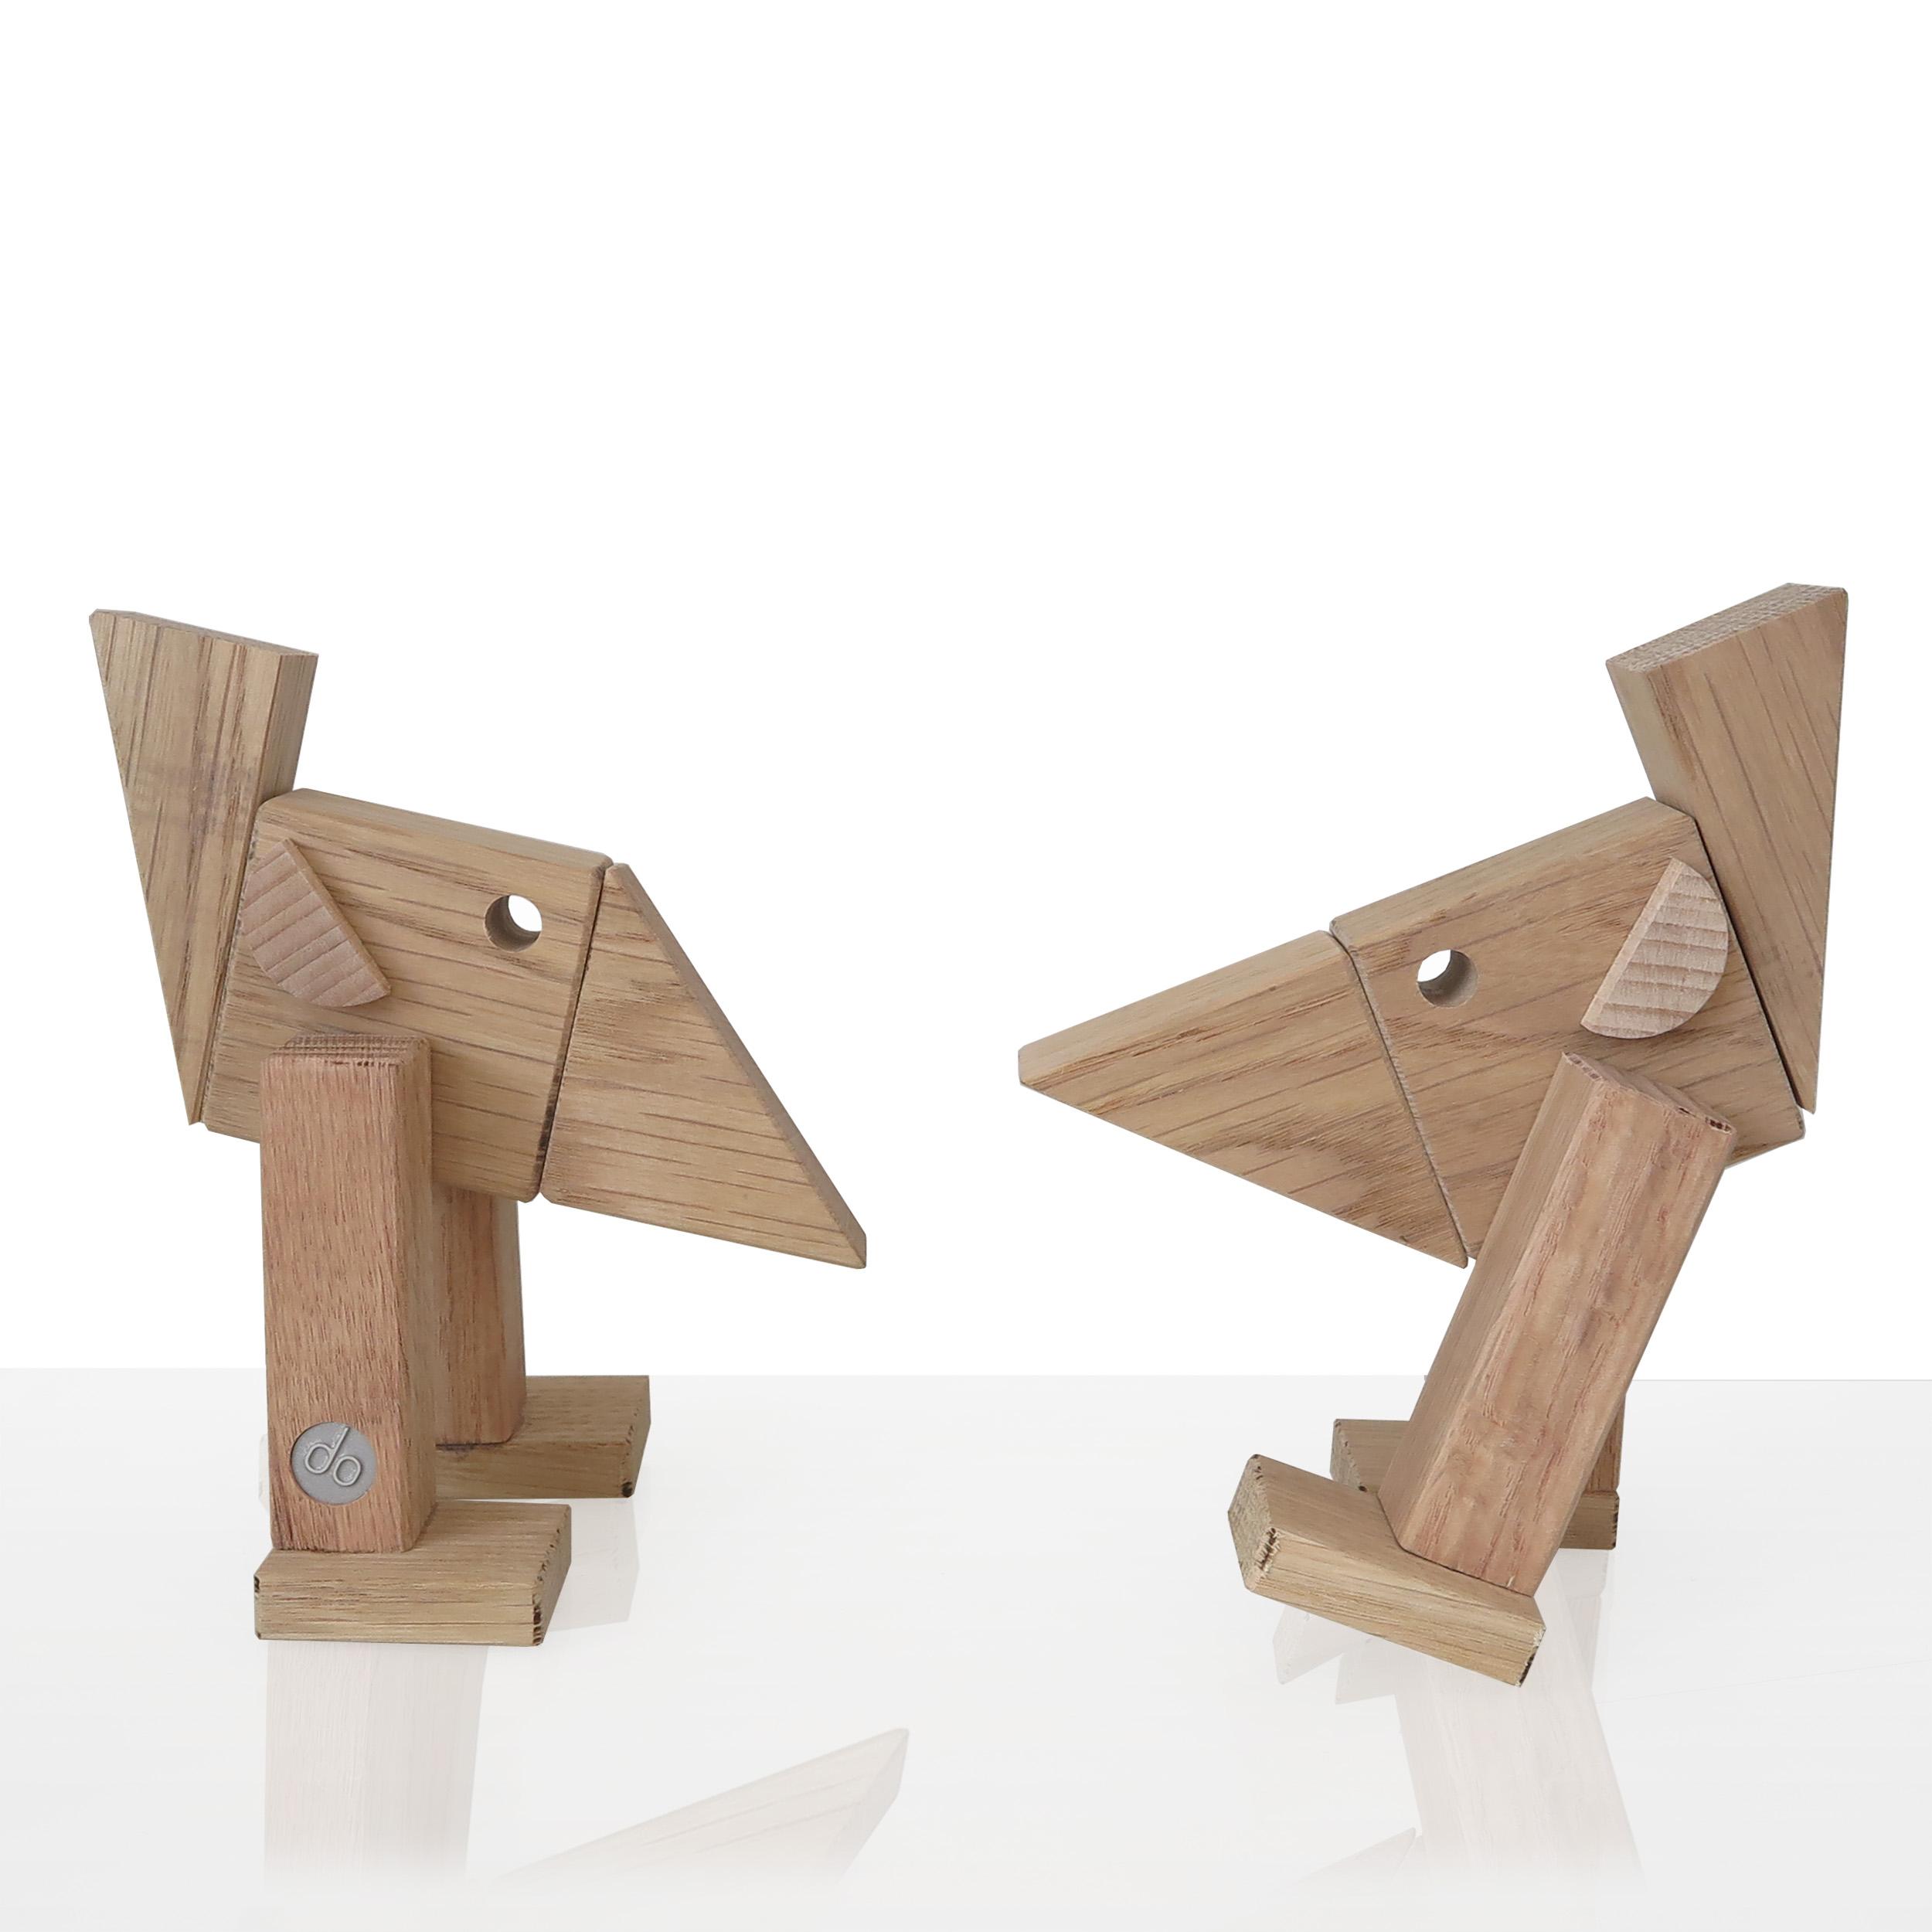 Wood toy design bird